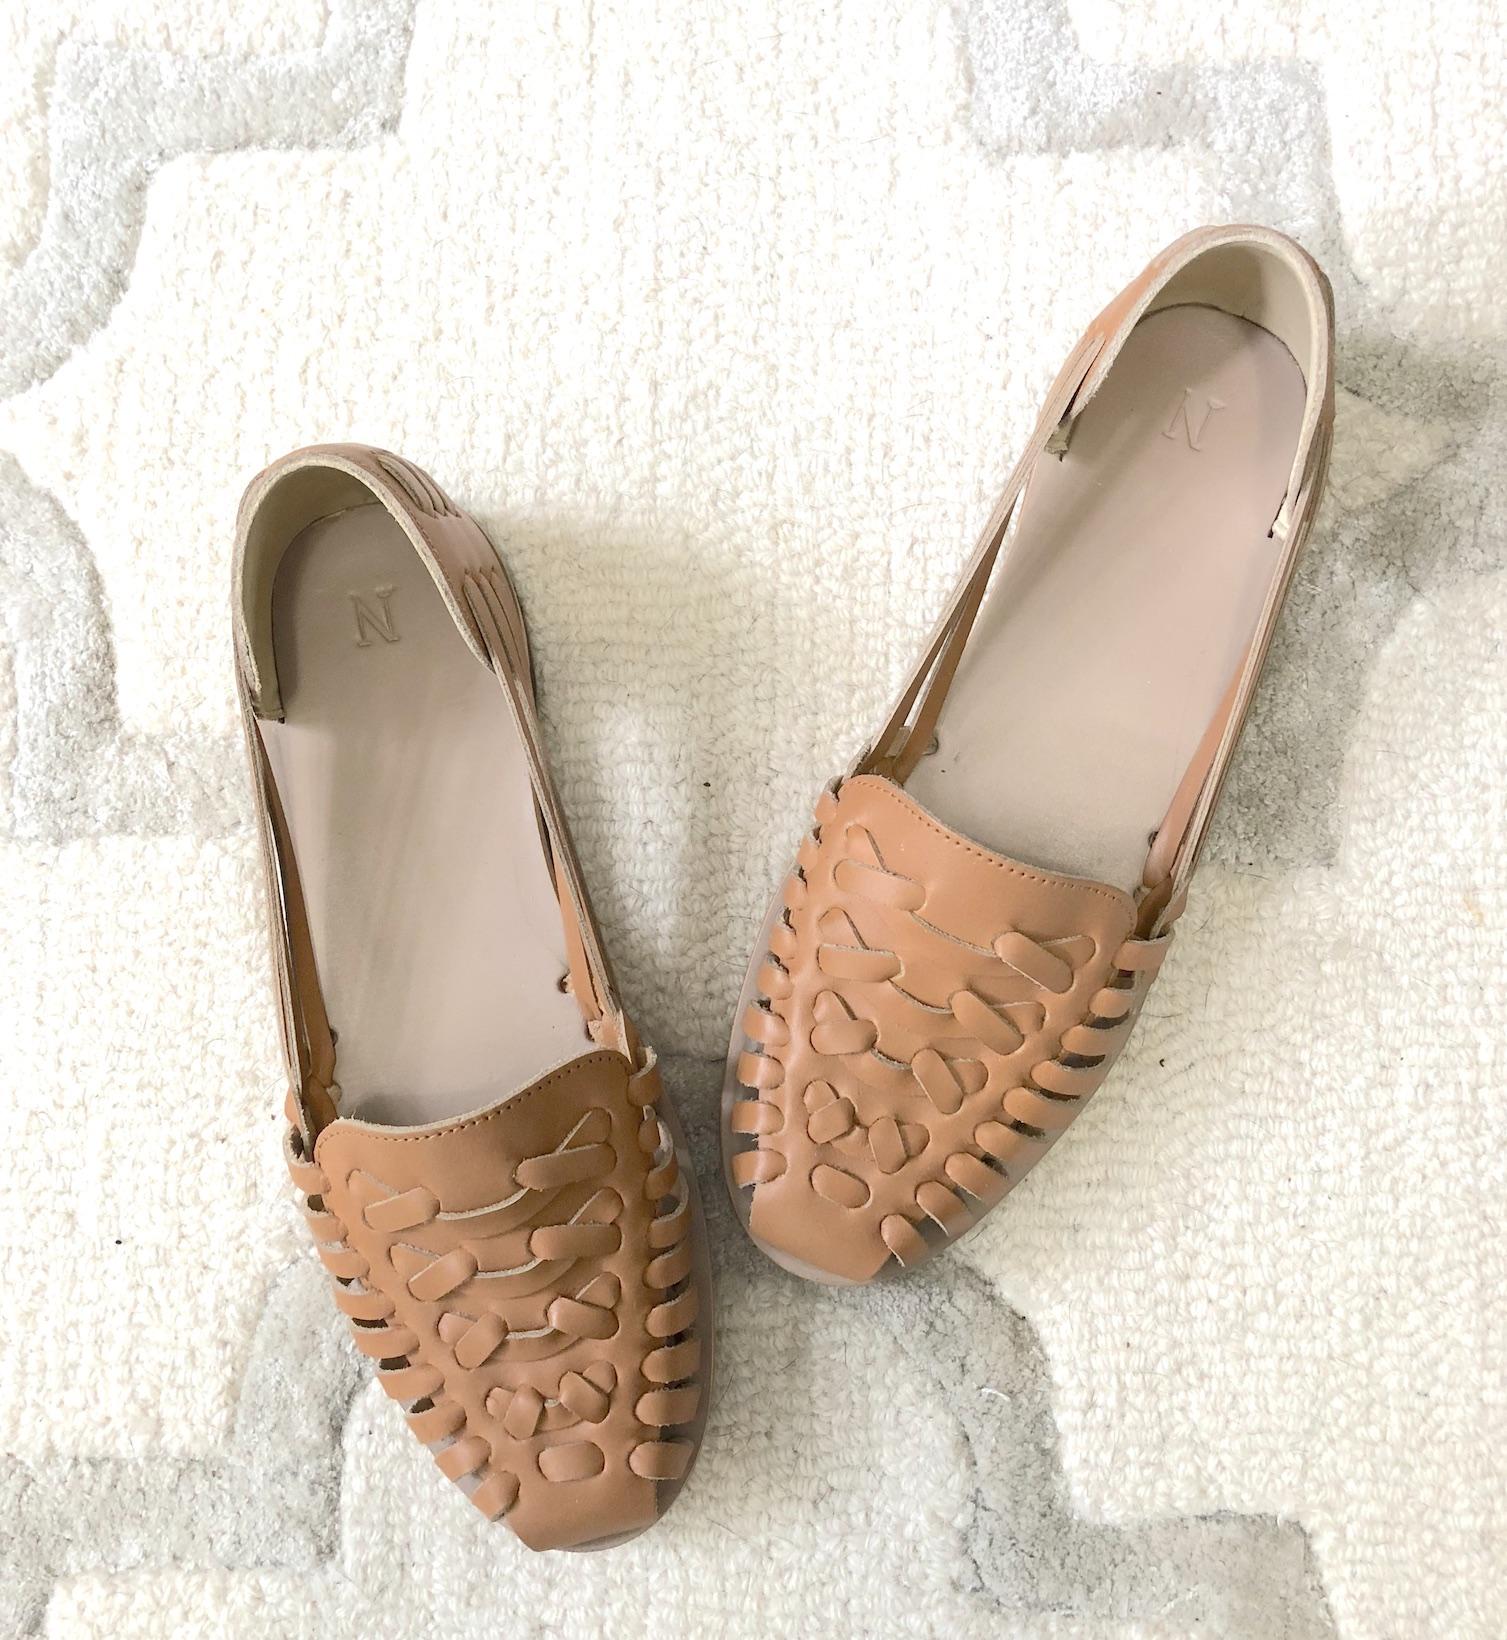 My Favorite Summer Shoes - Nisolo Ecuador Huarache Sandal